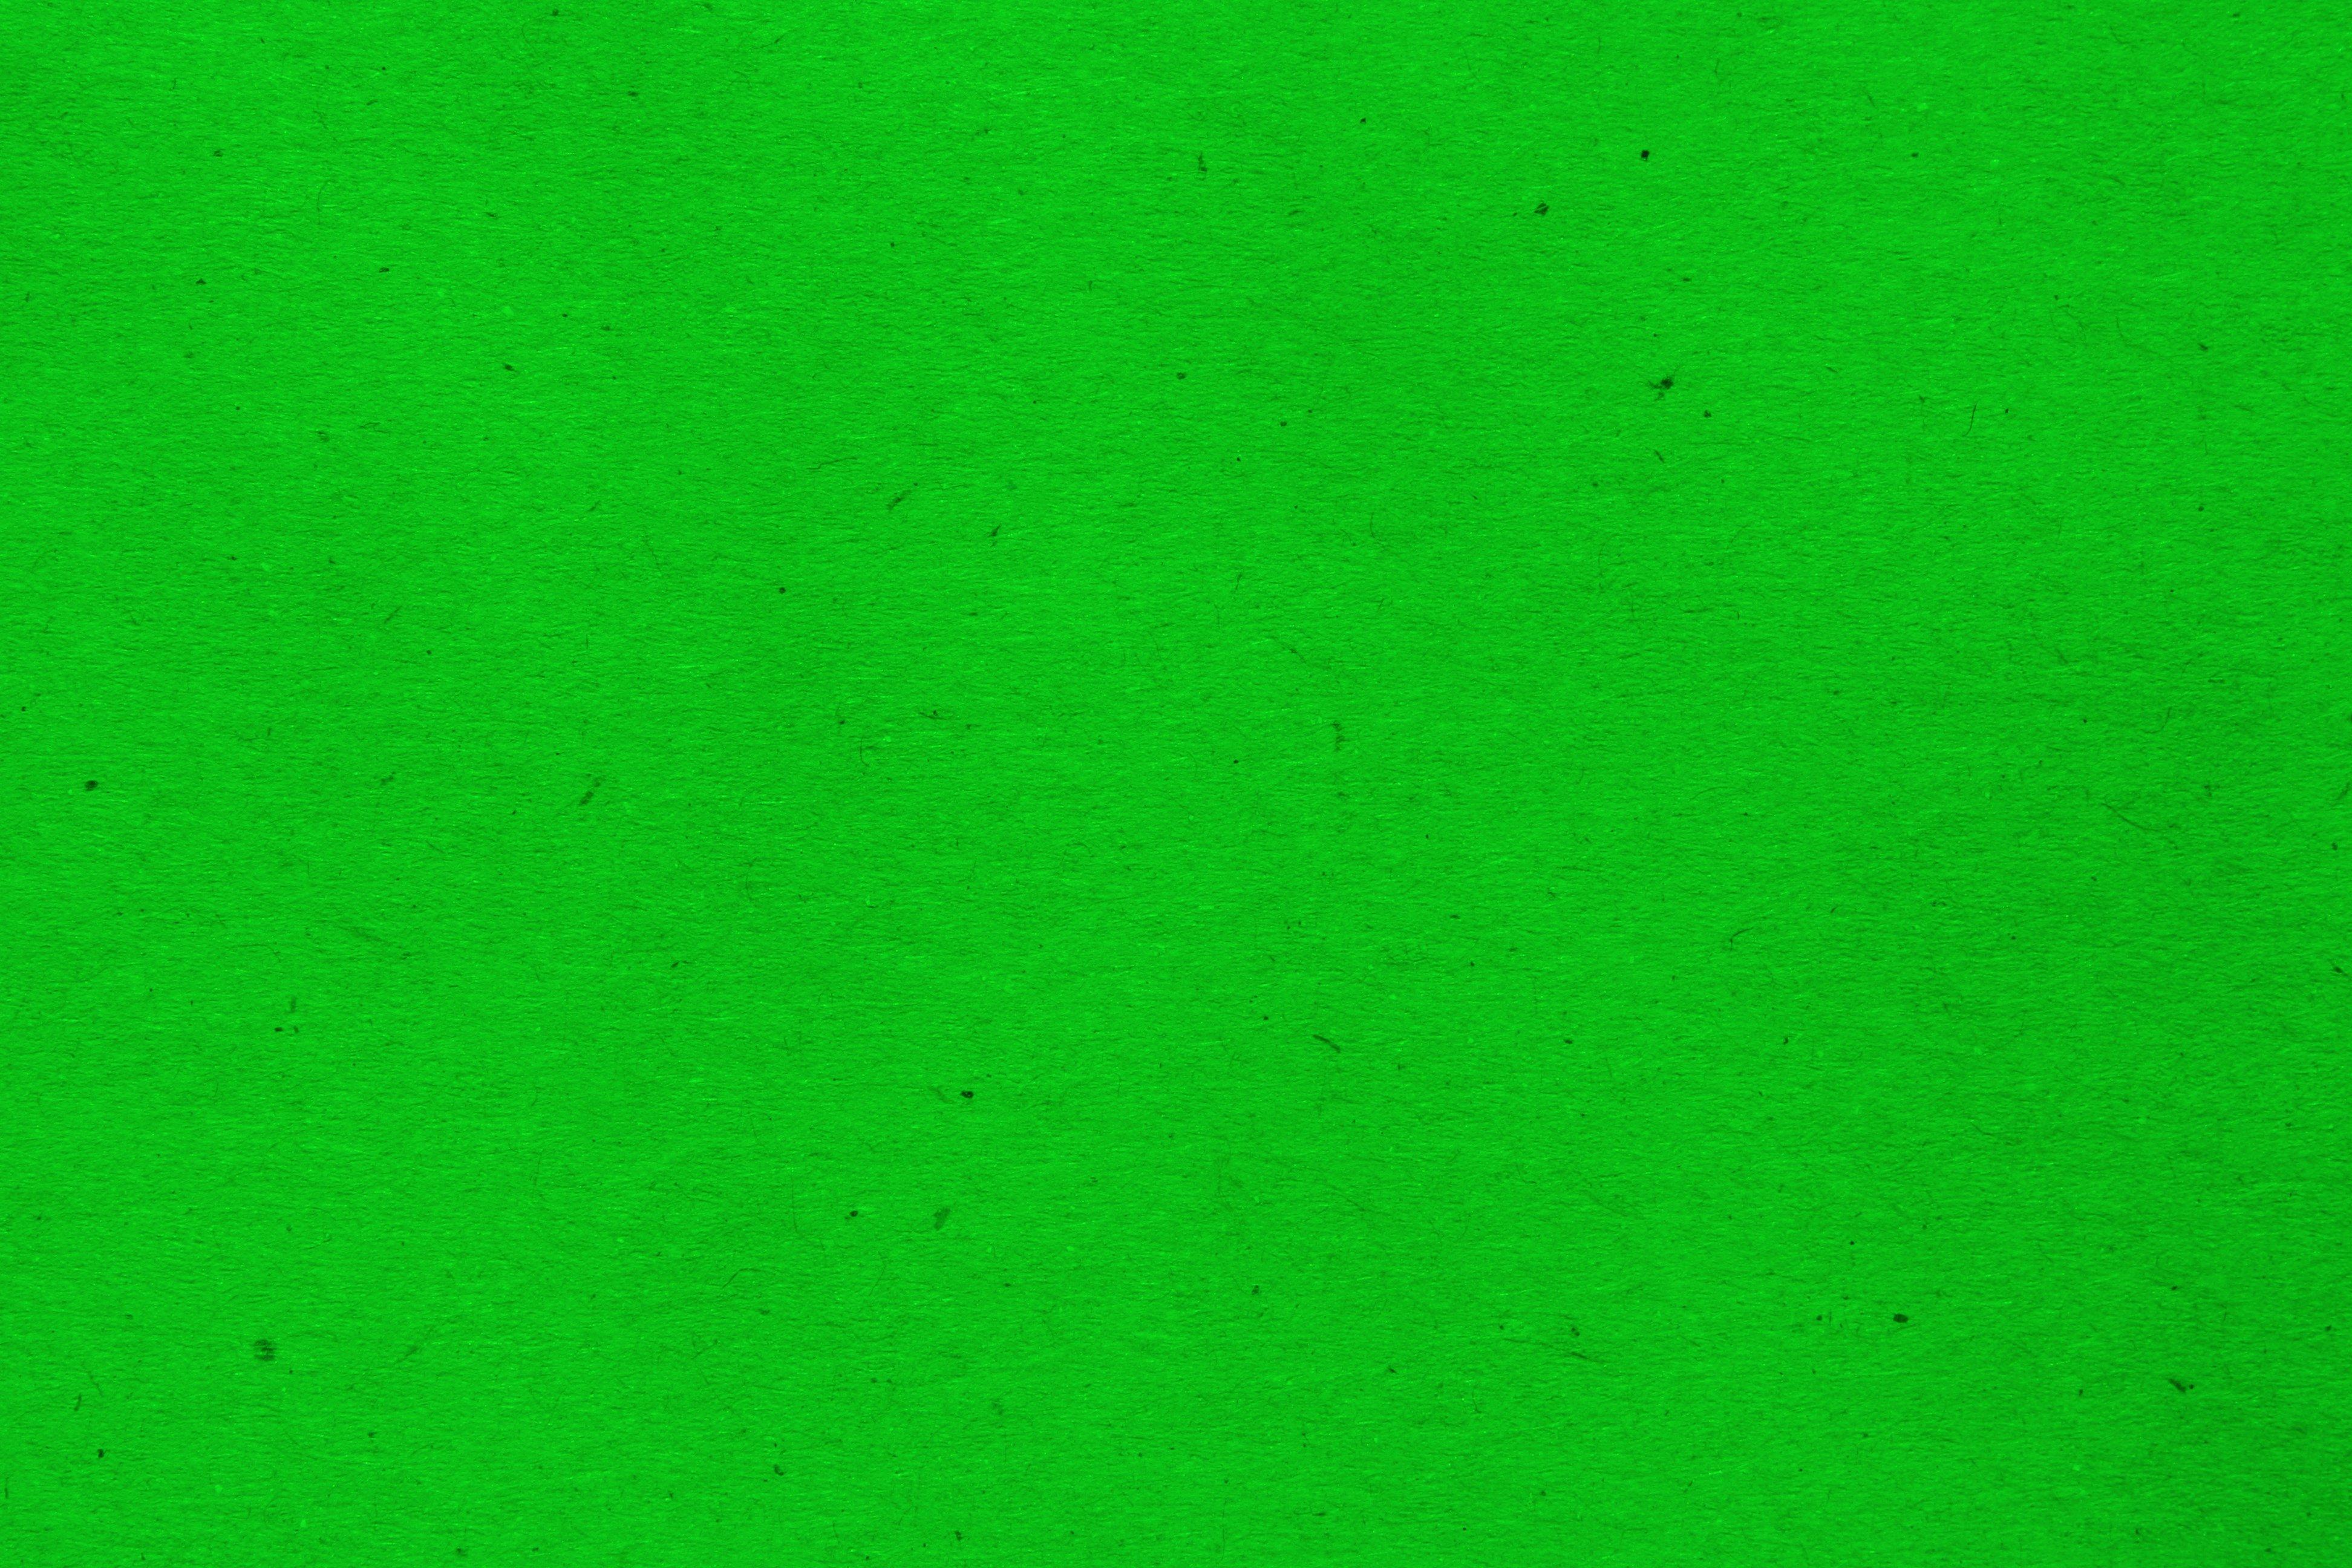 они зеленая картинка на бумаге уже через